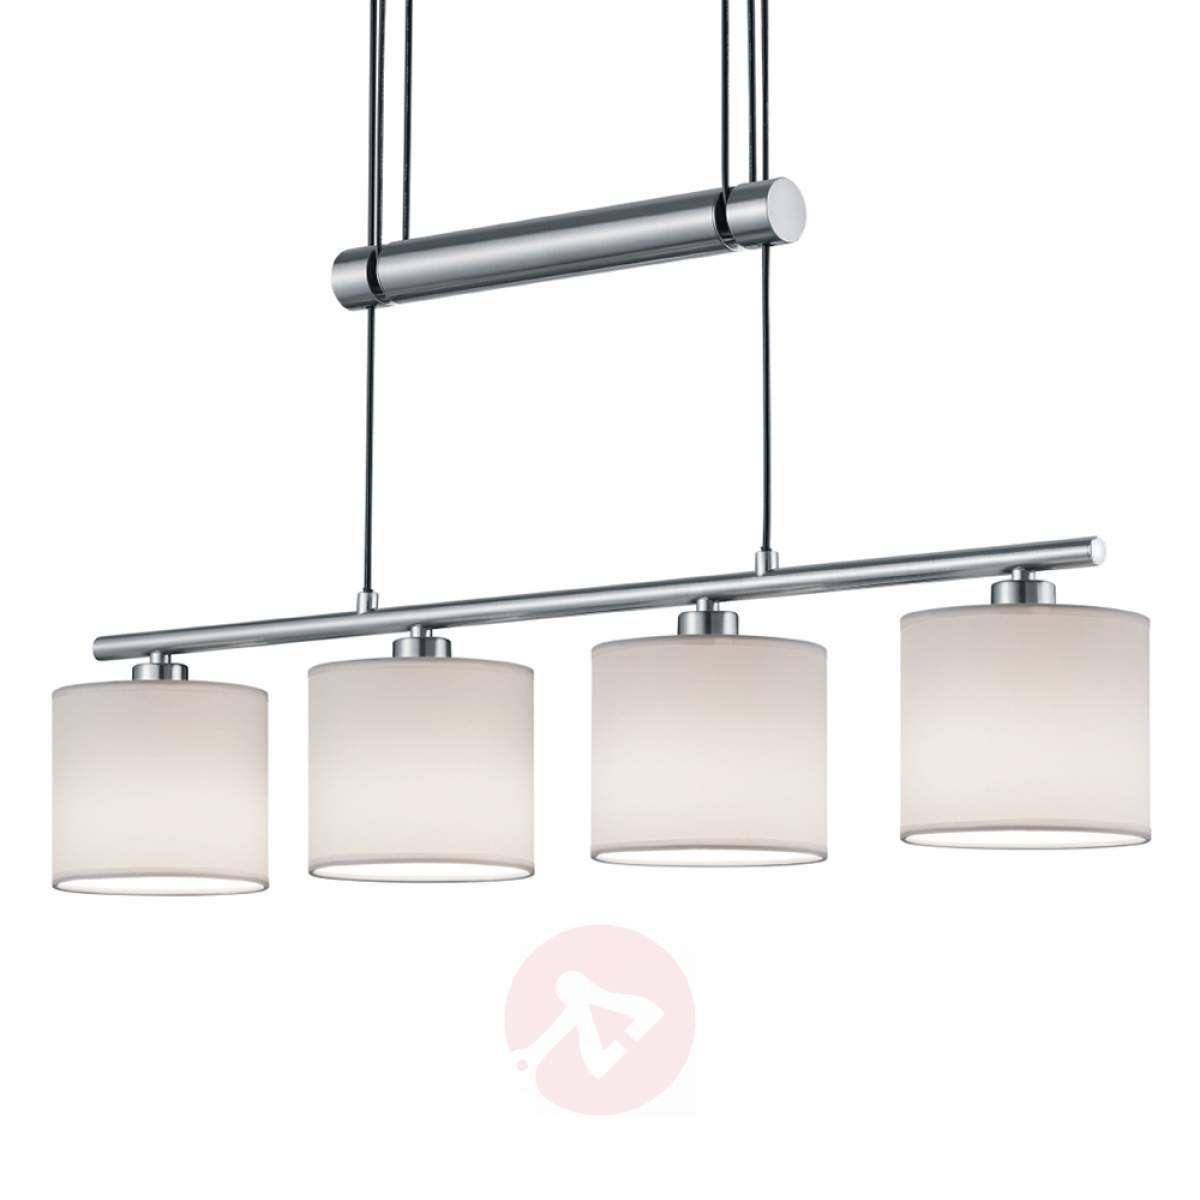 4 Pkt Lampa Wisząca Garda Białe Klosze Z Tkaniny Lampy